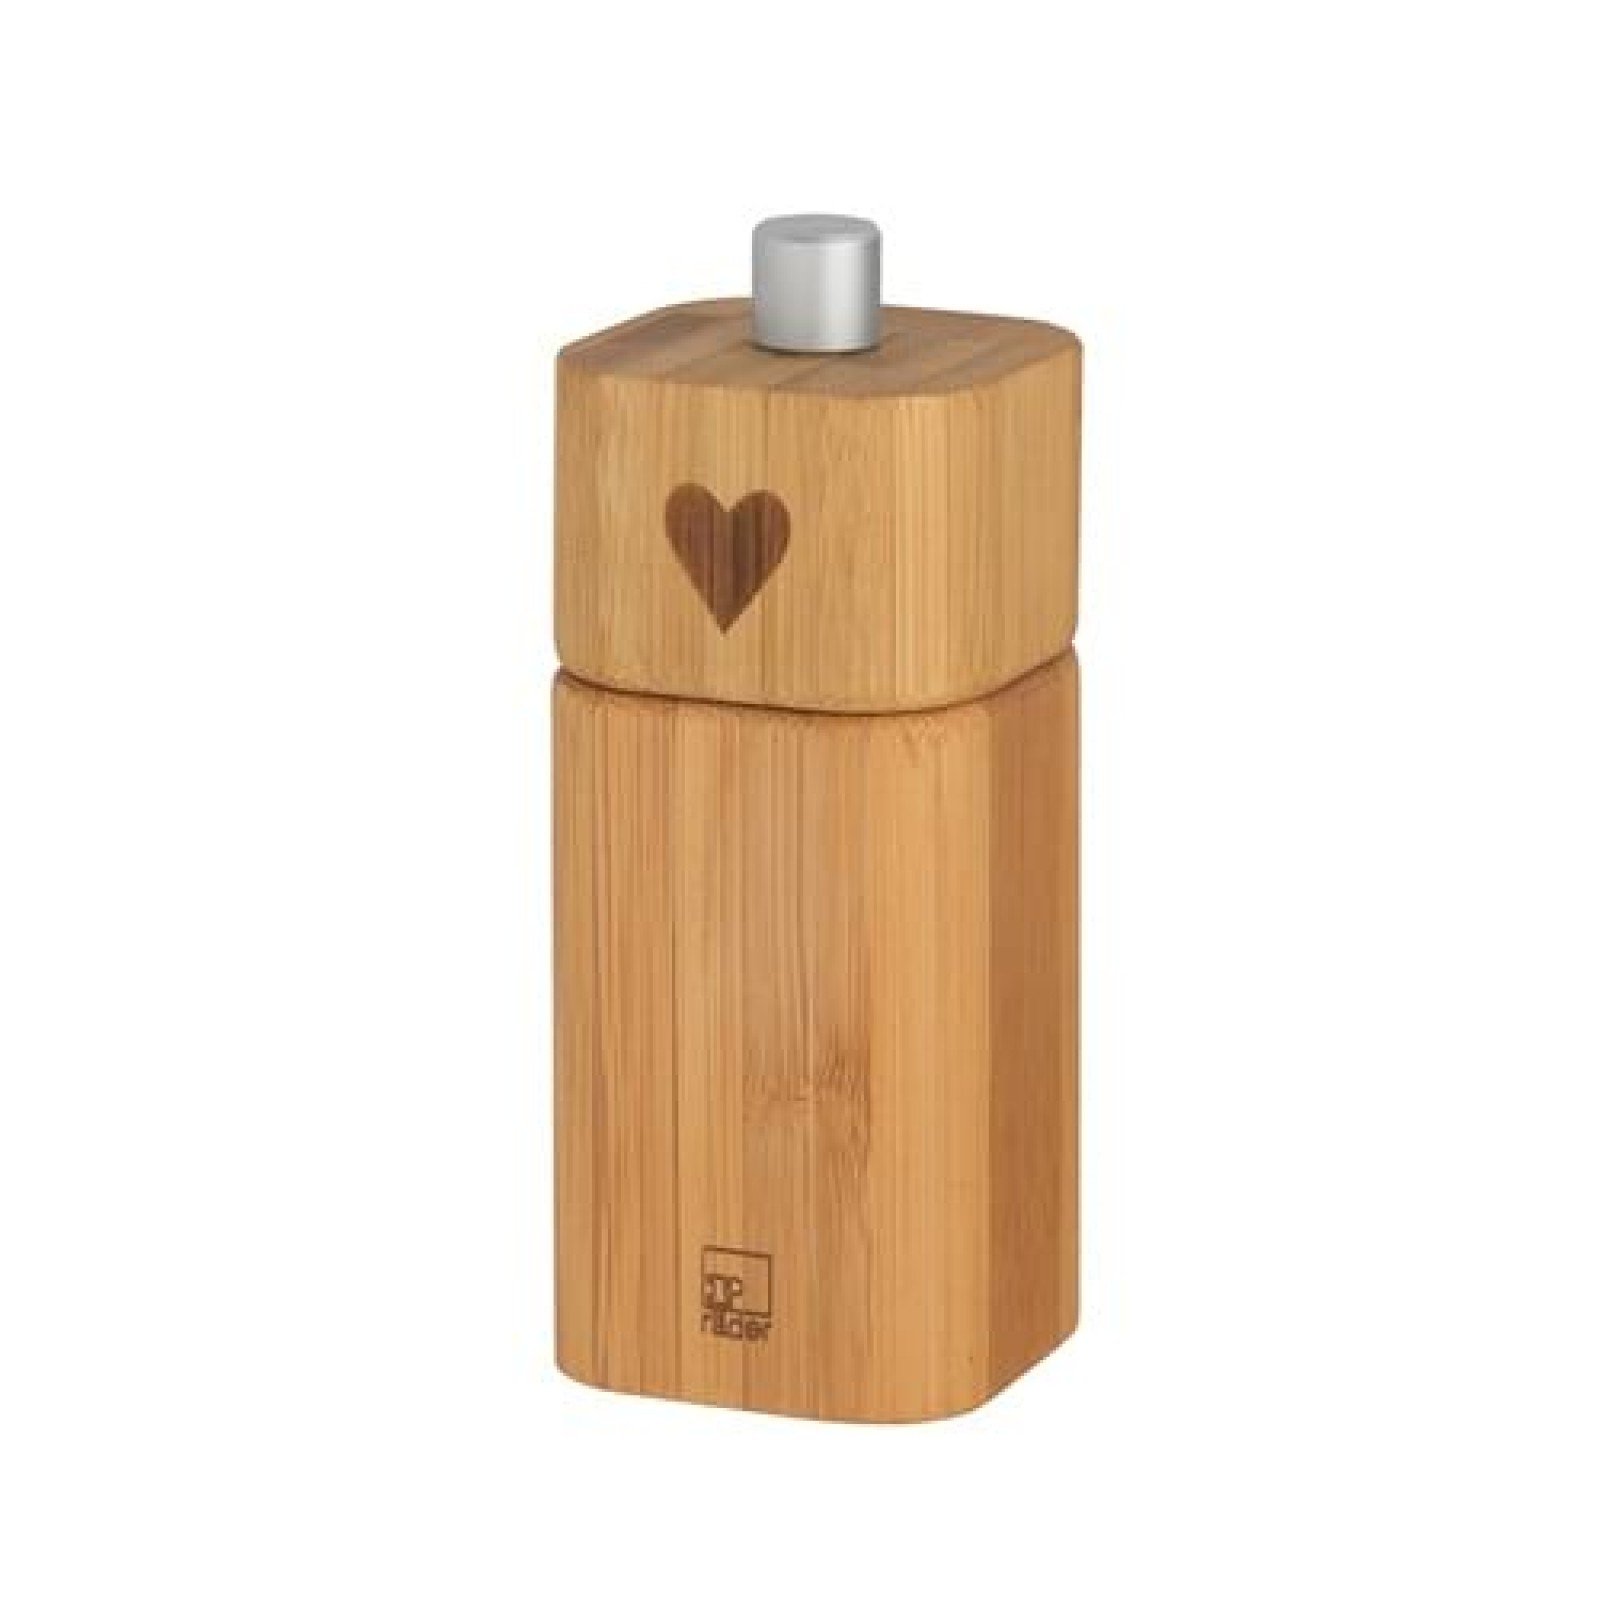 HEART Pepper Mill (Bamboo) - Raeder